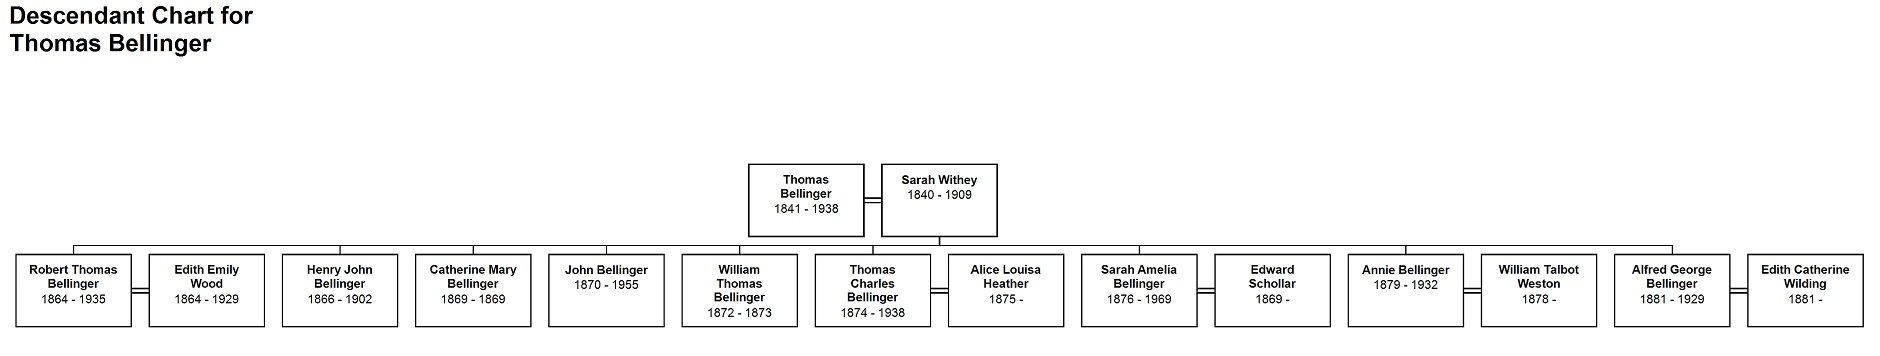 Descendant Chart for Thomas Bellingercropjpg